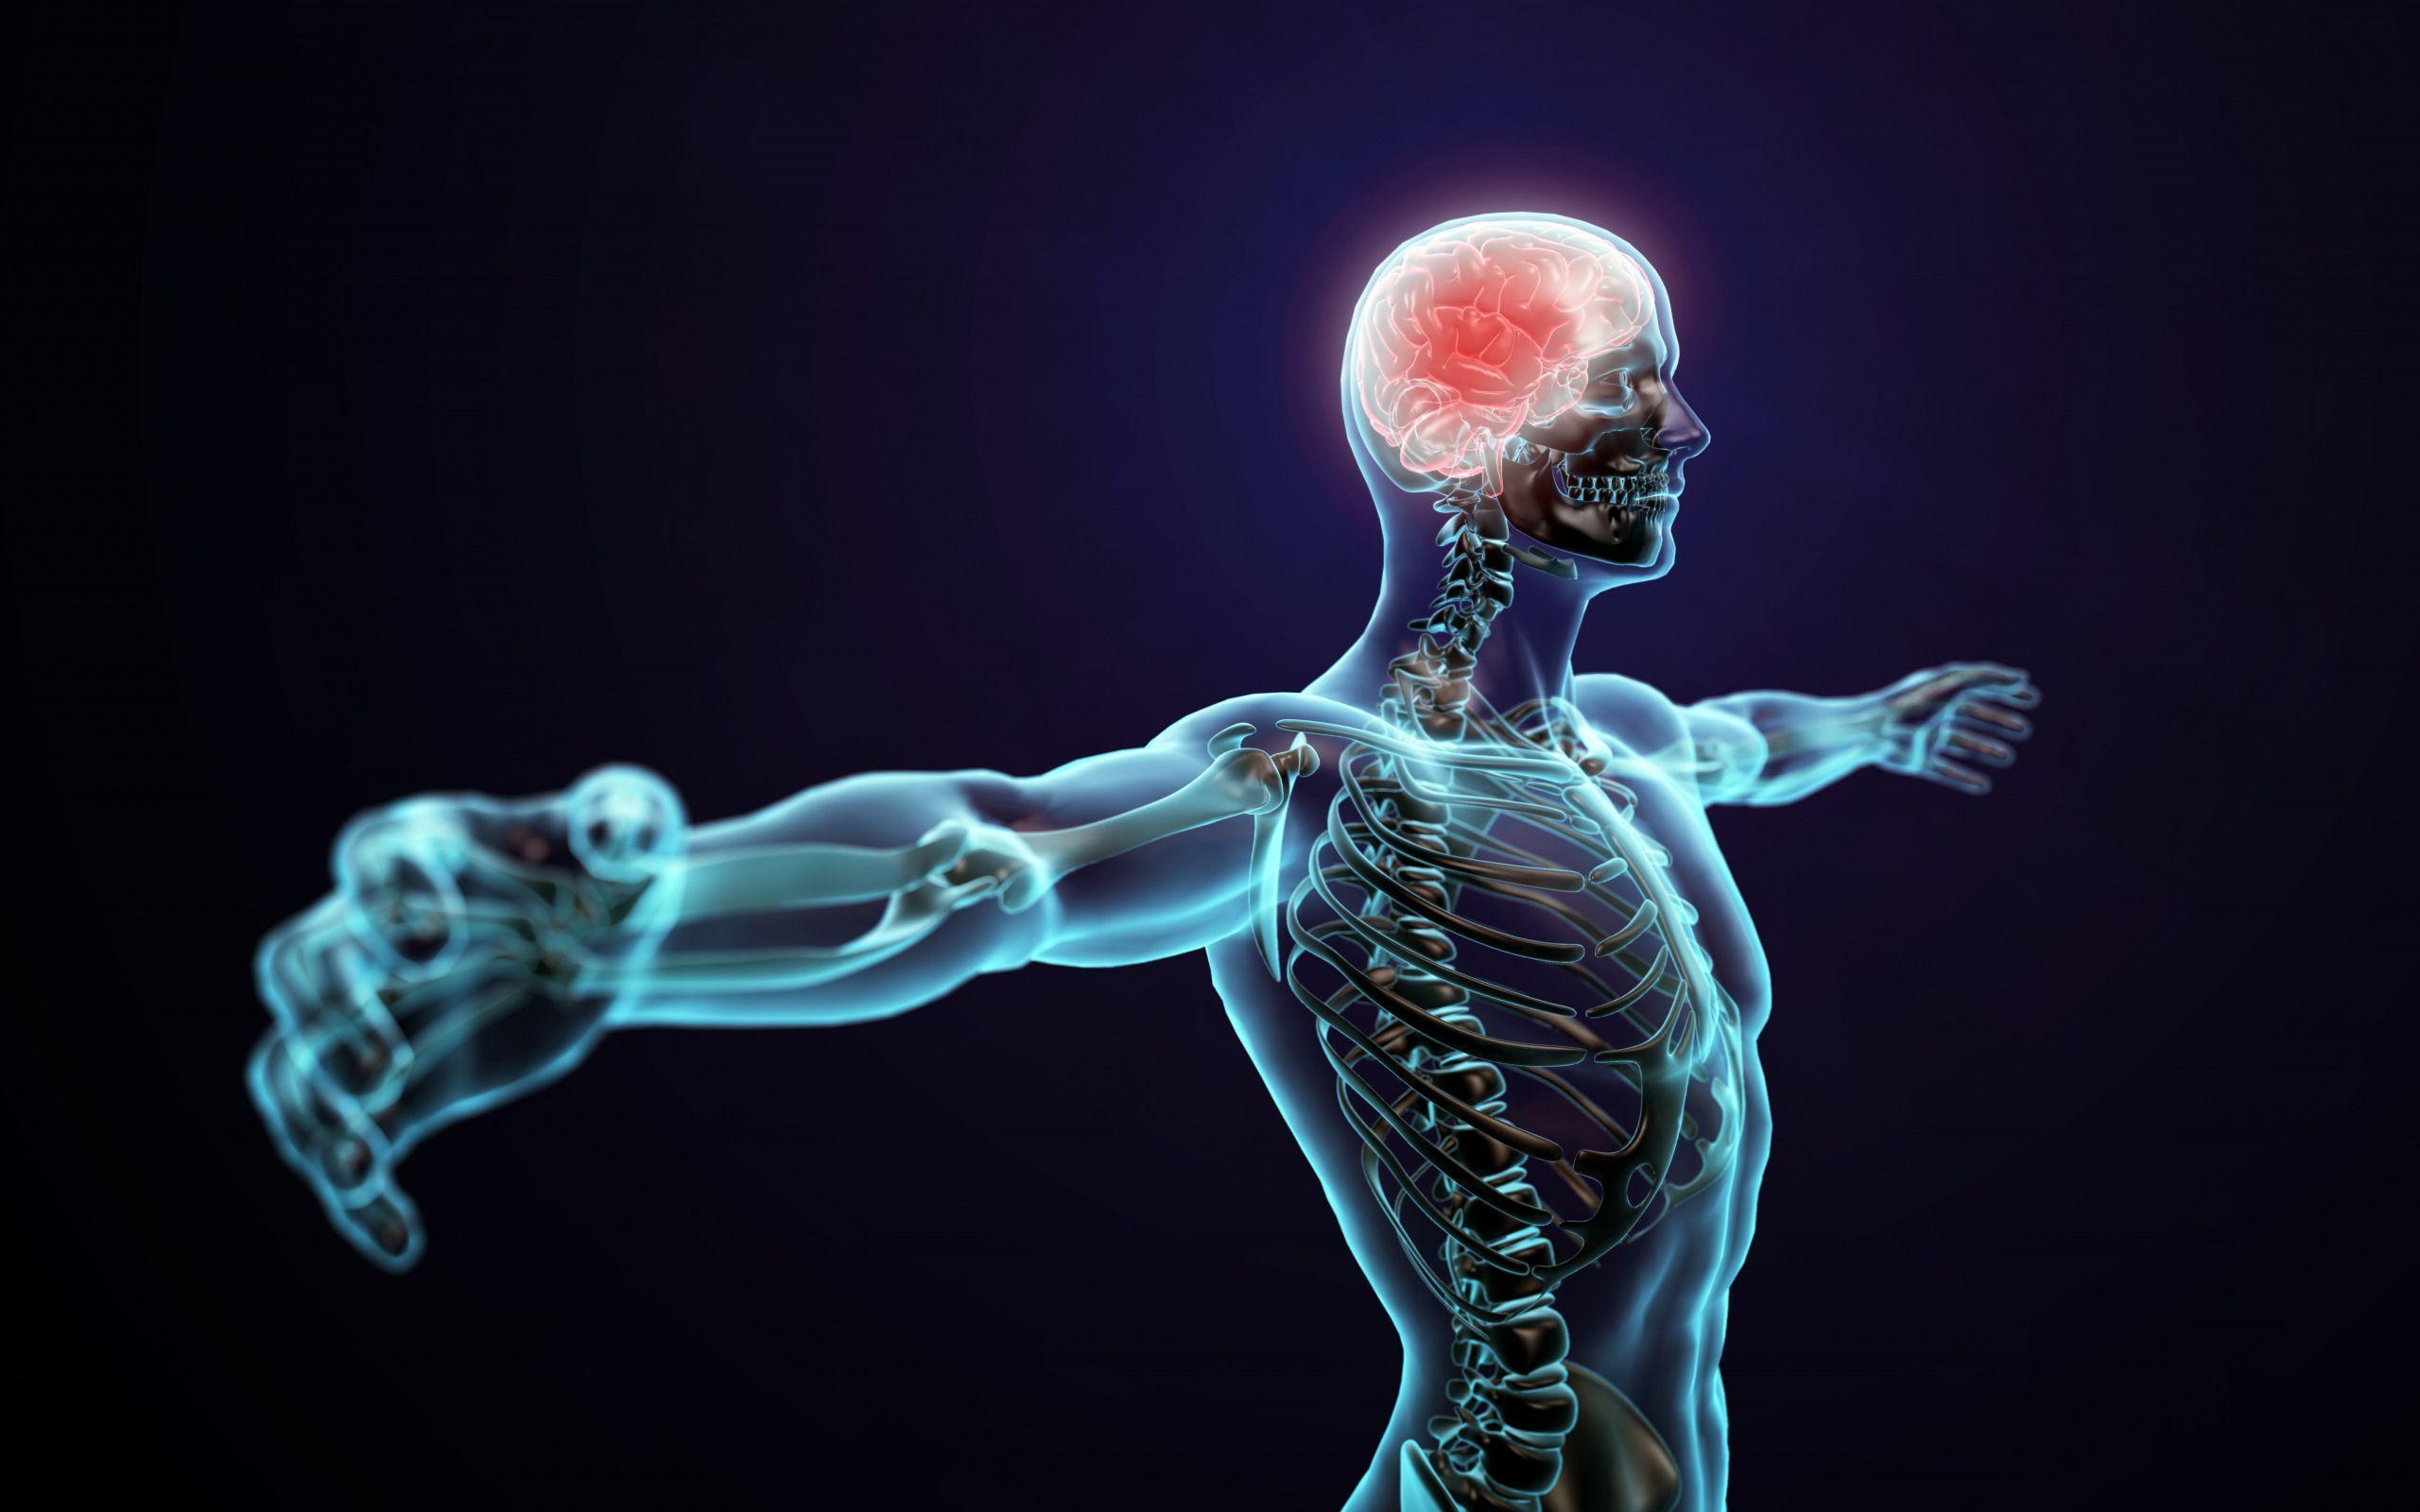 Открыты гены, в которых хранится «мышечная память»